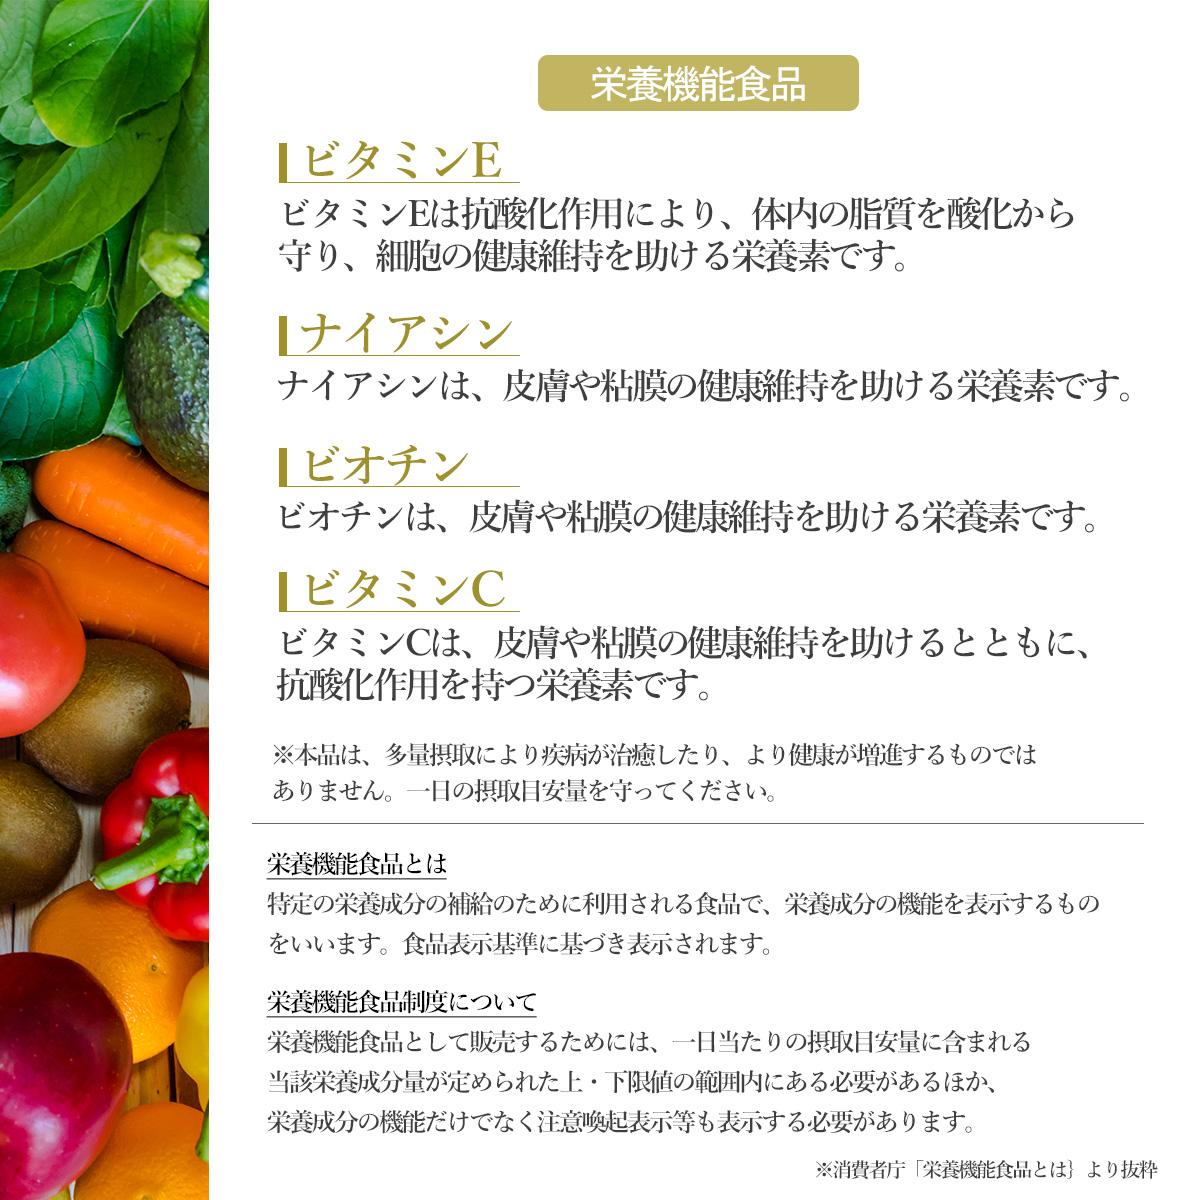 【定期購入】プレミアム マルチビタミン&ミネラル(240カプセル)